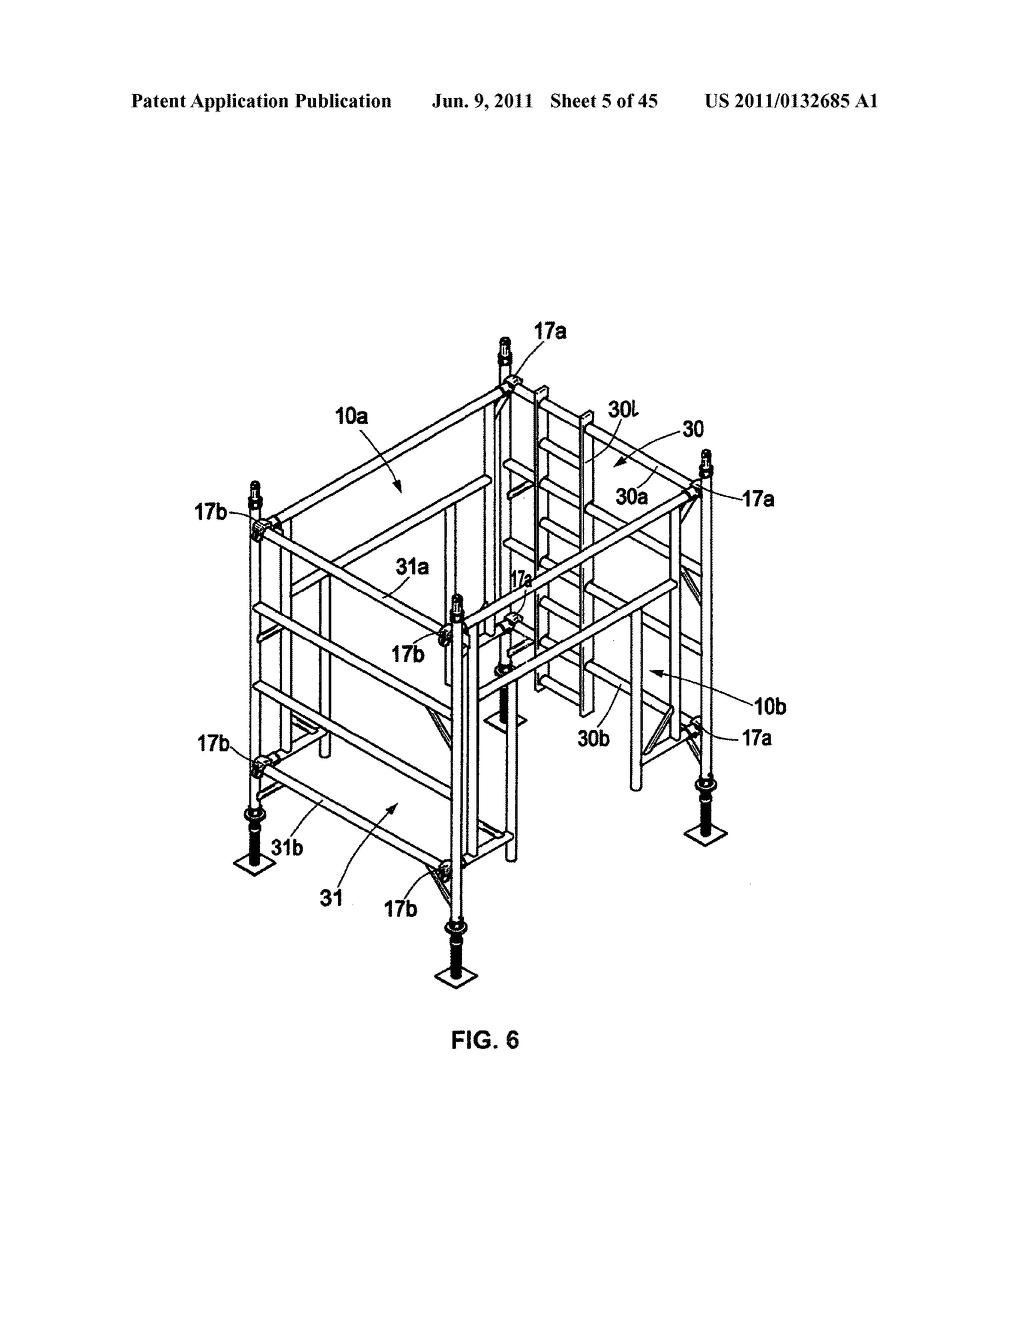 klx 110 parts diagram